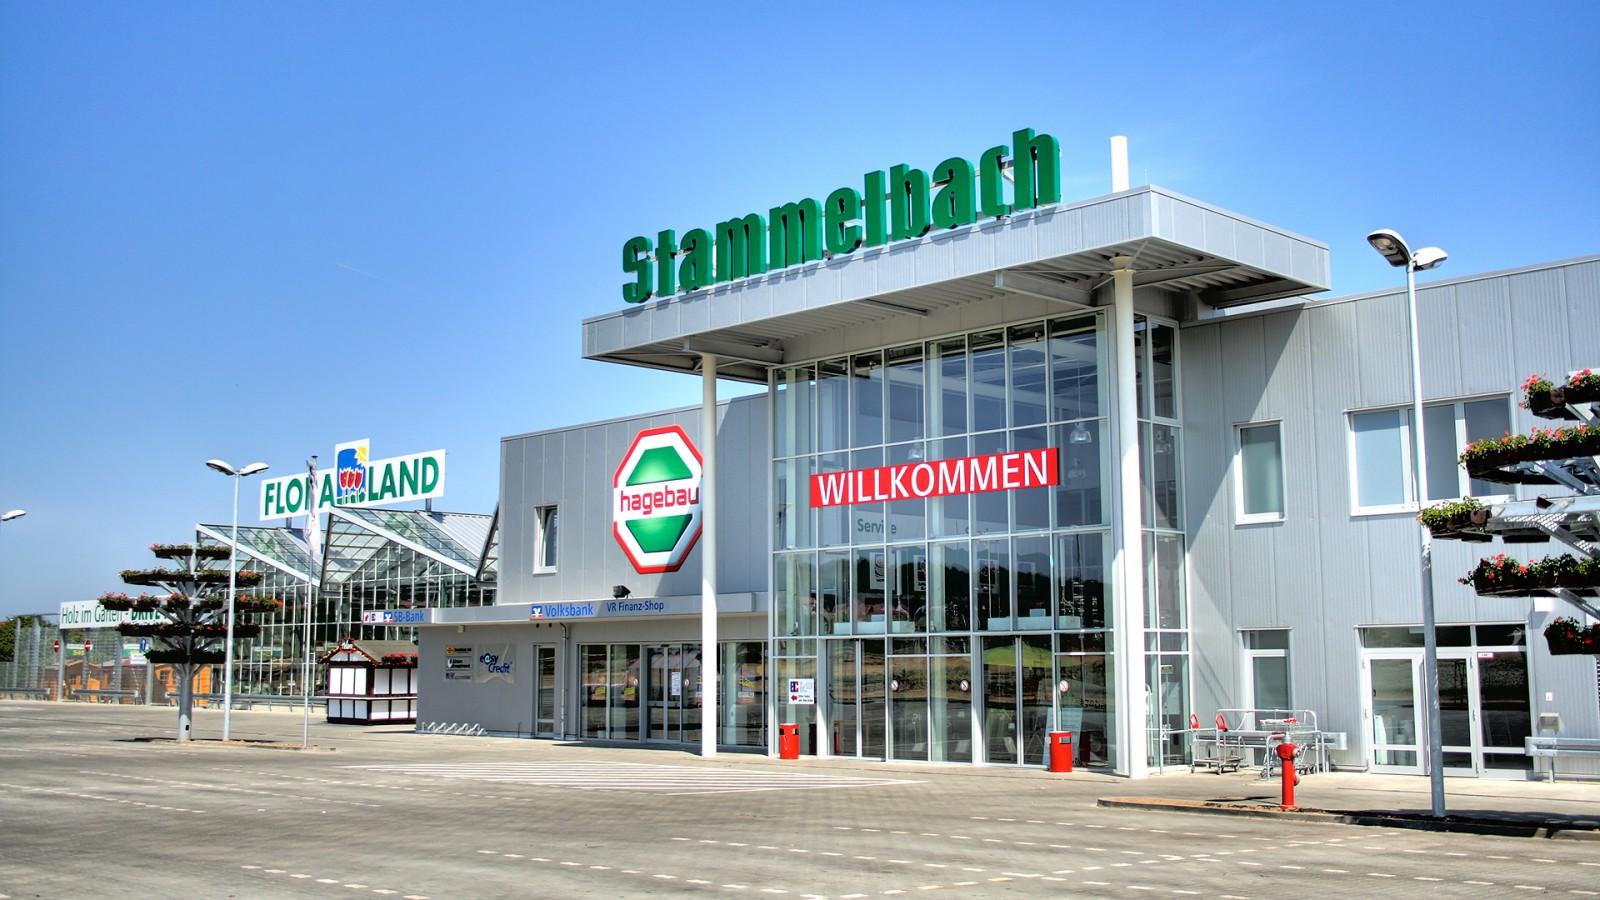 Hagebaumarkt Ochtersum | JUNG - Architekturbüro, Innenarchitekturbüro Hildesheim